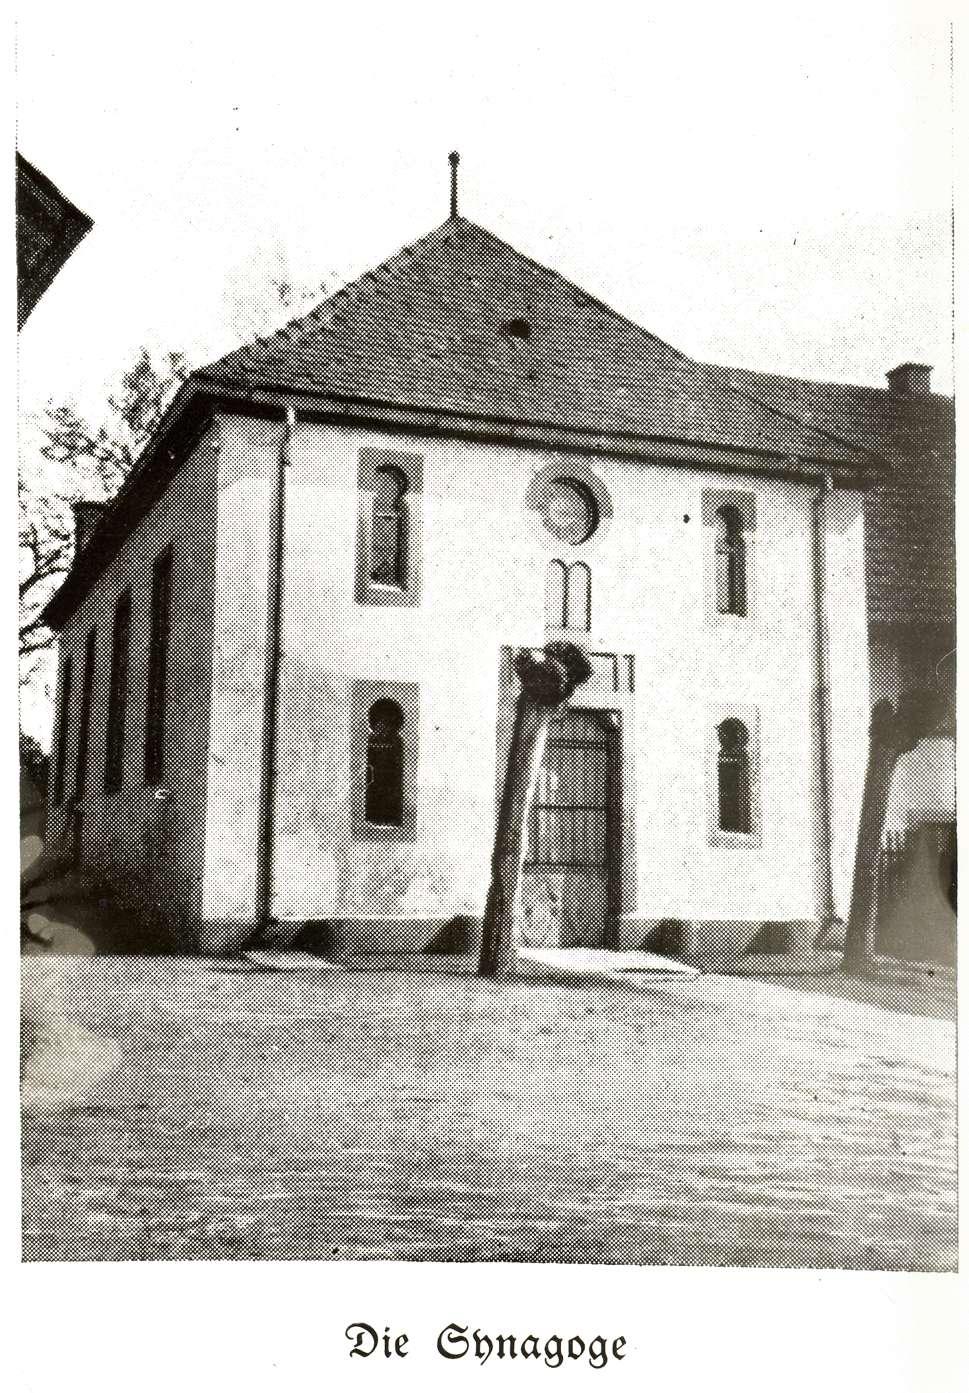 Nonnenweier, Schwanau, OG; Synagoge, Vorderansicht, Bild 1